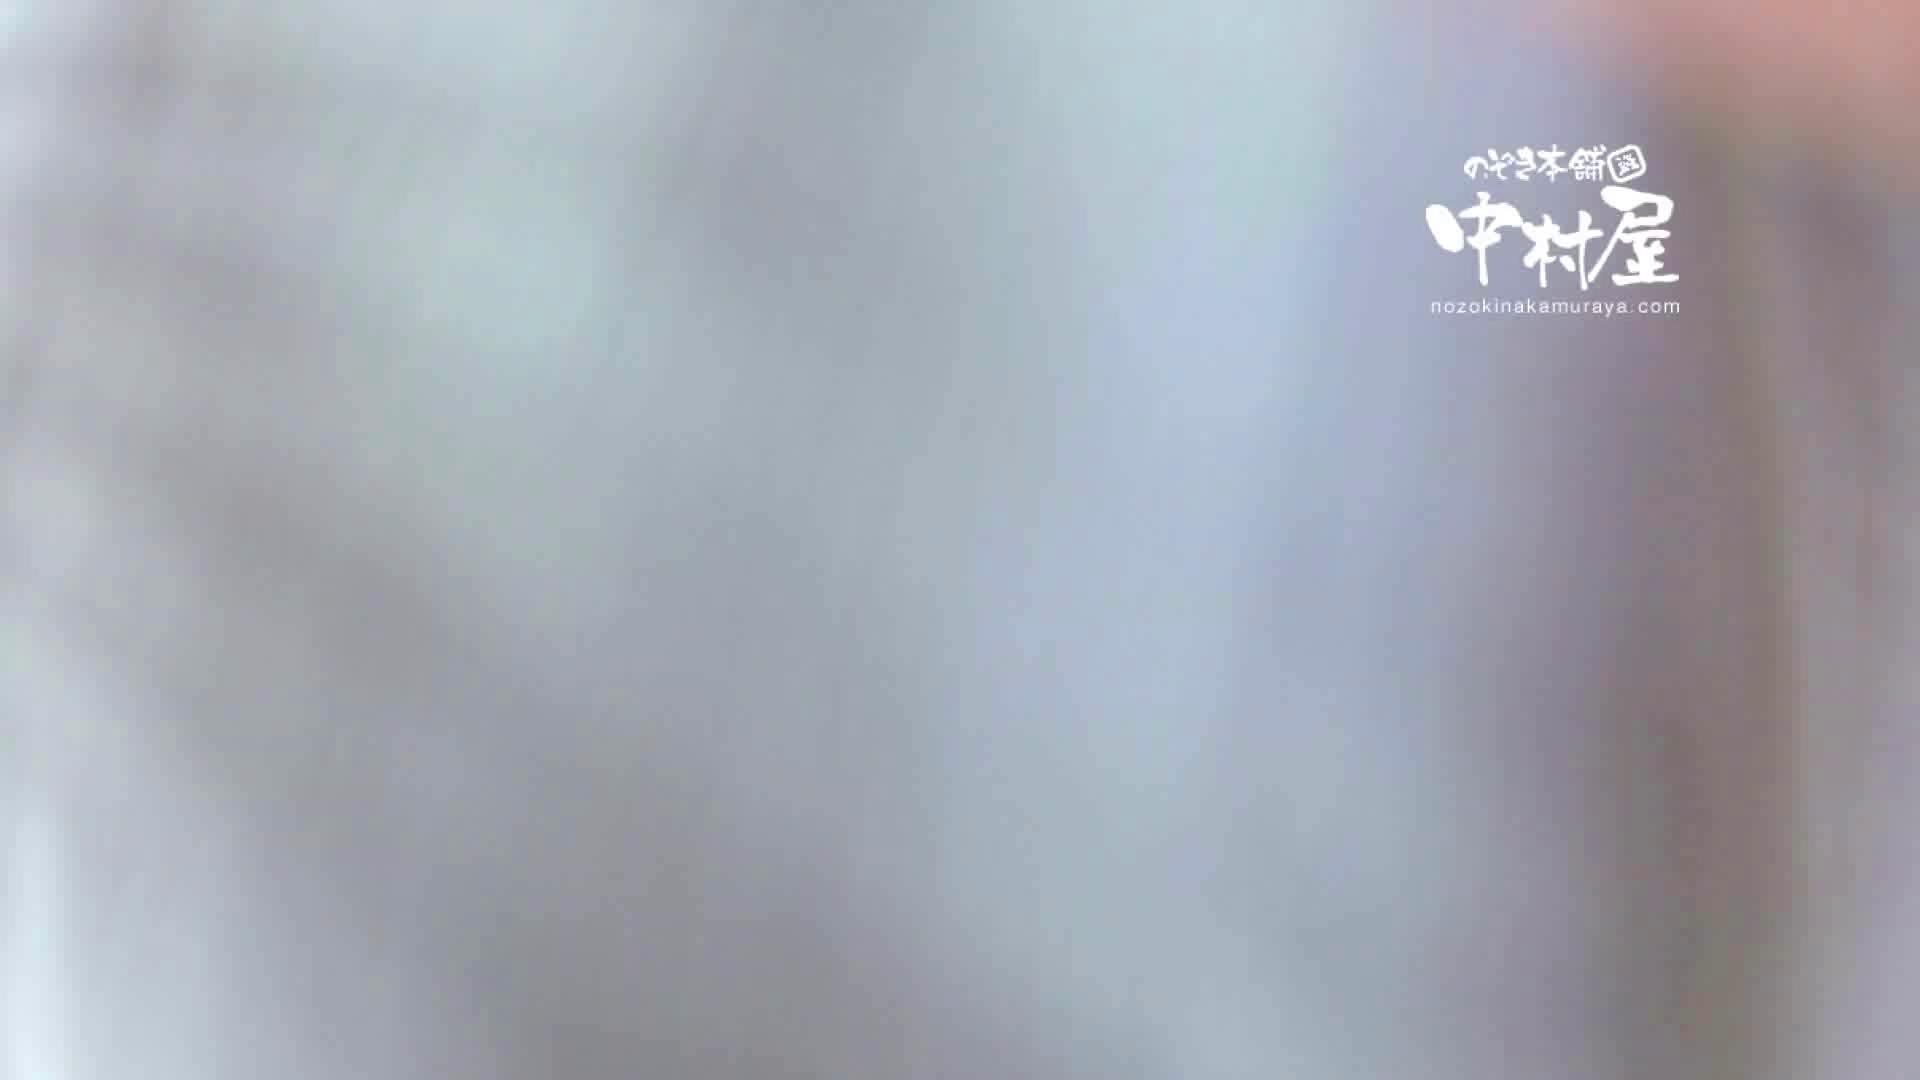 鬼畜 vol.18 居酒屋バイト時代の同僚に中出ししてみる 前編 0  87連発 2